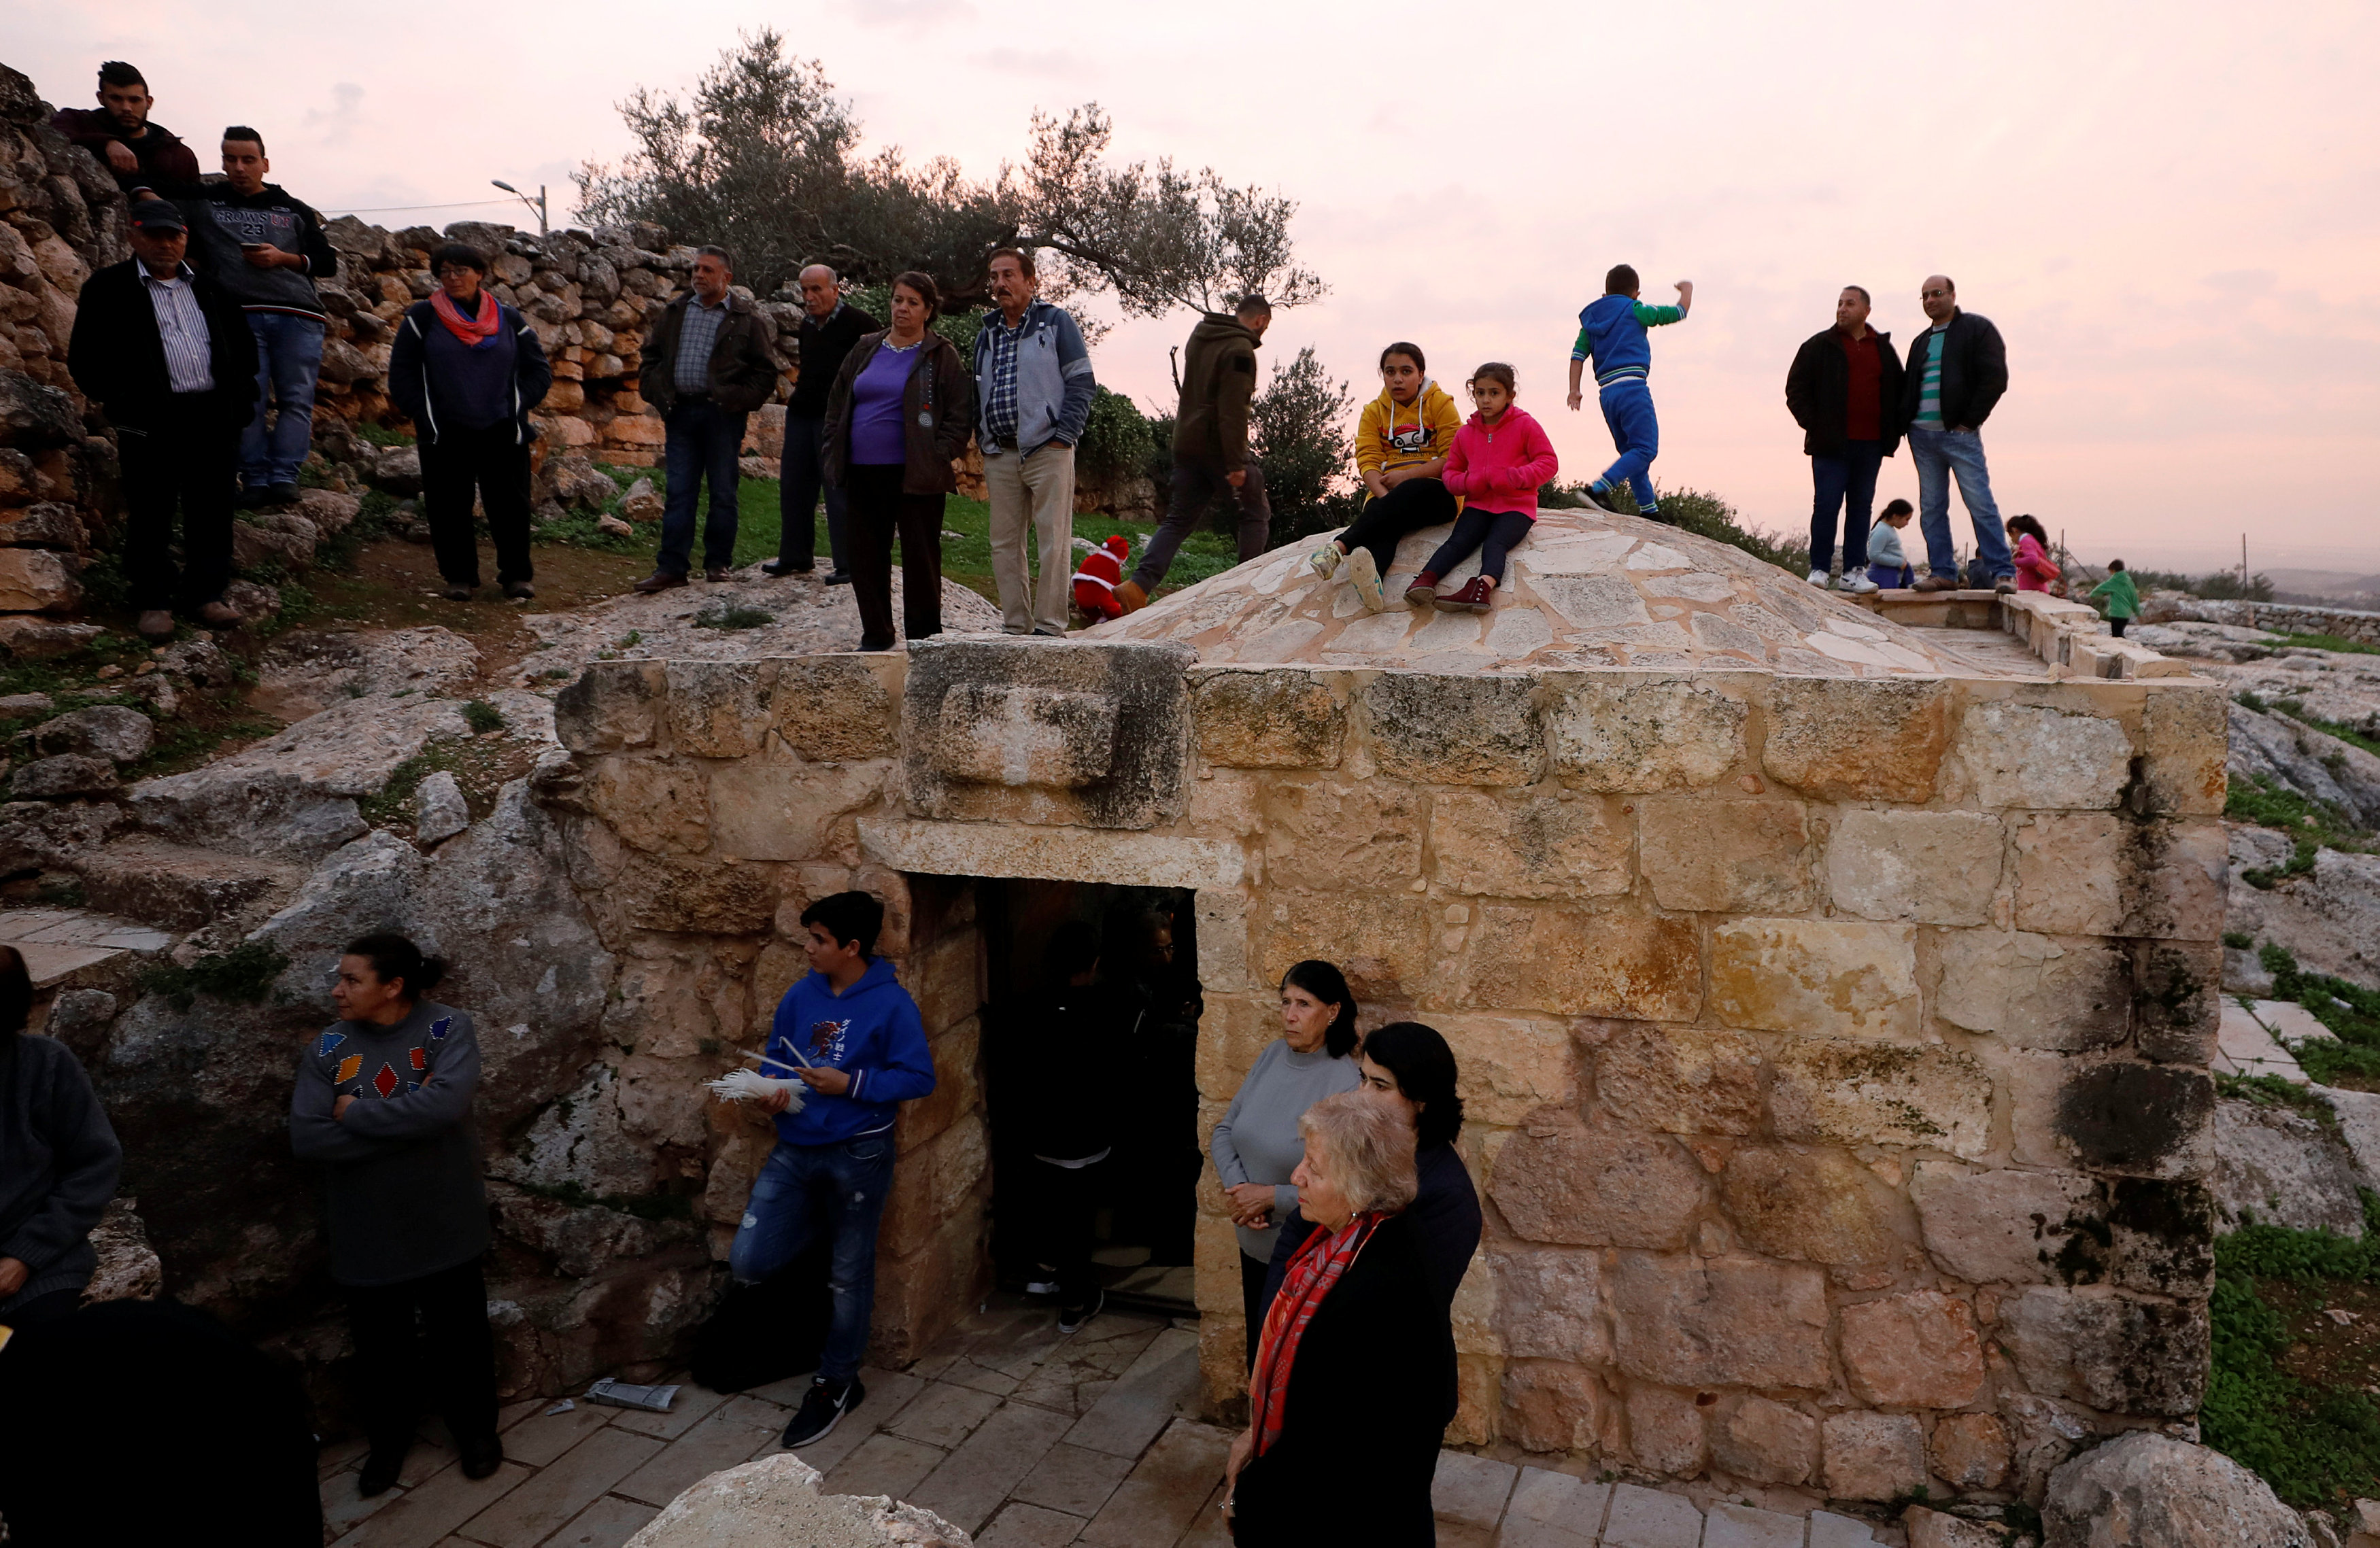 مواطنون يتابعون احتفالات القرية الفلسطينية